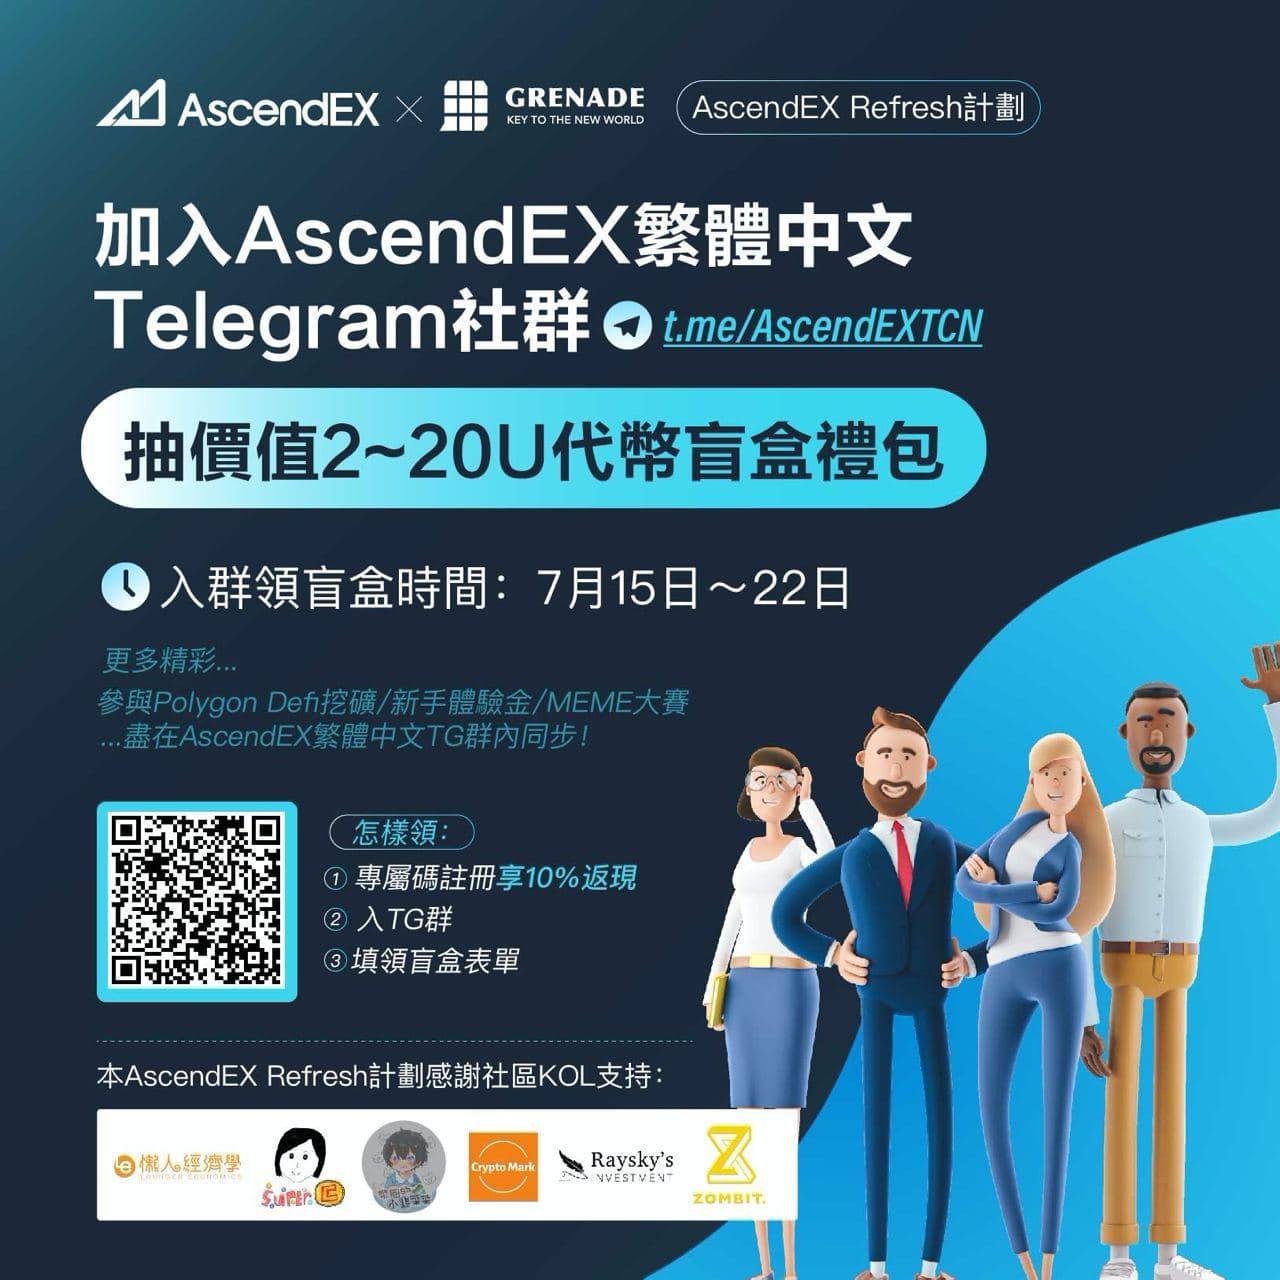 ascendex評價